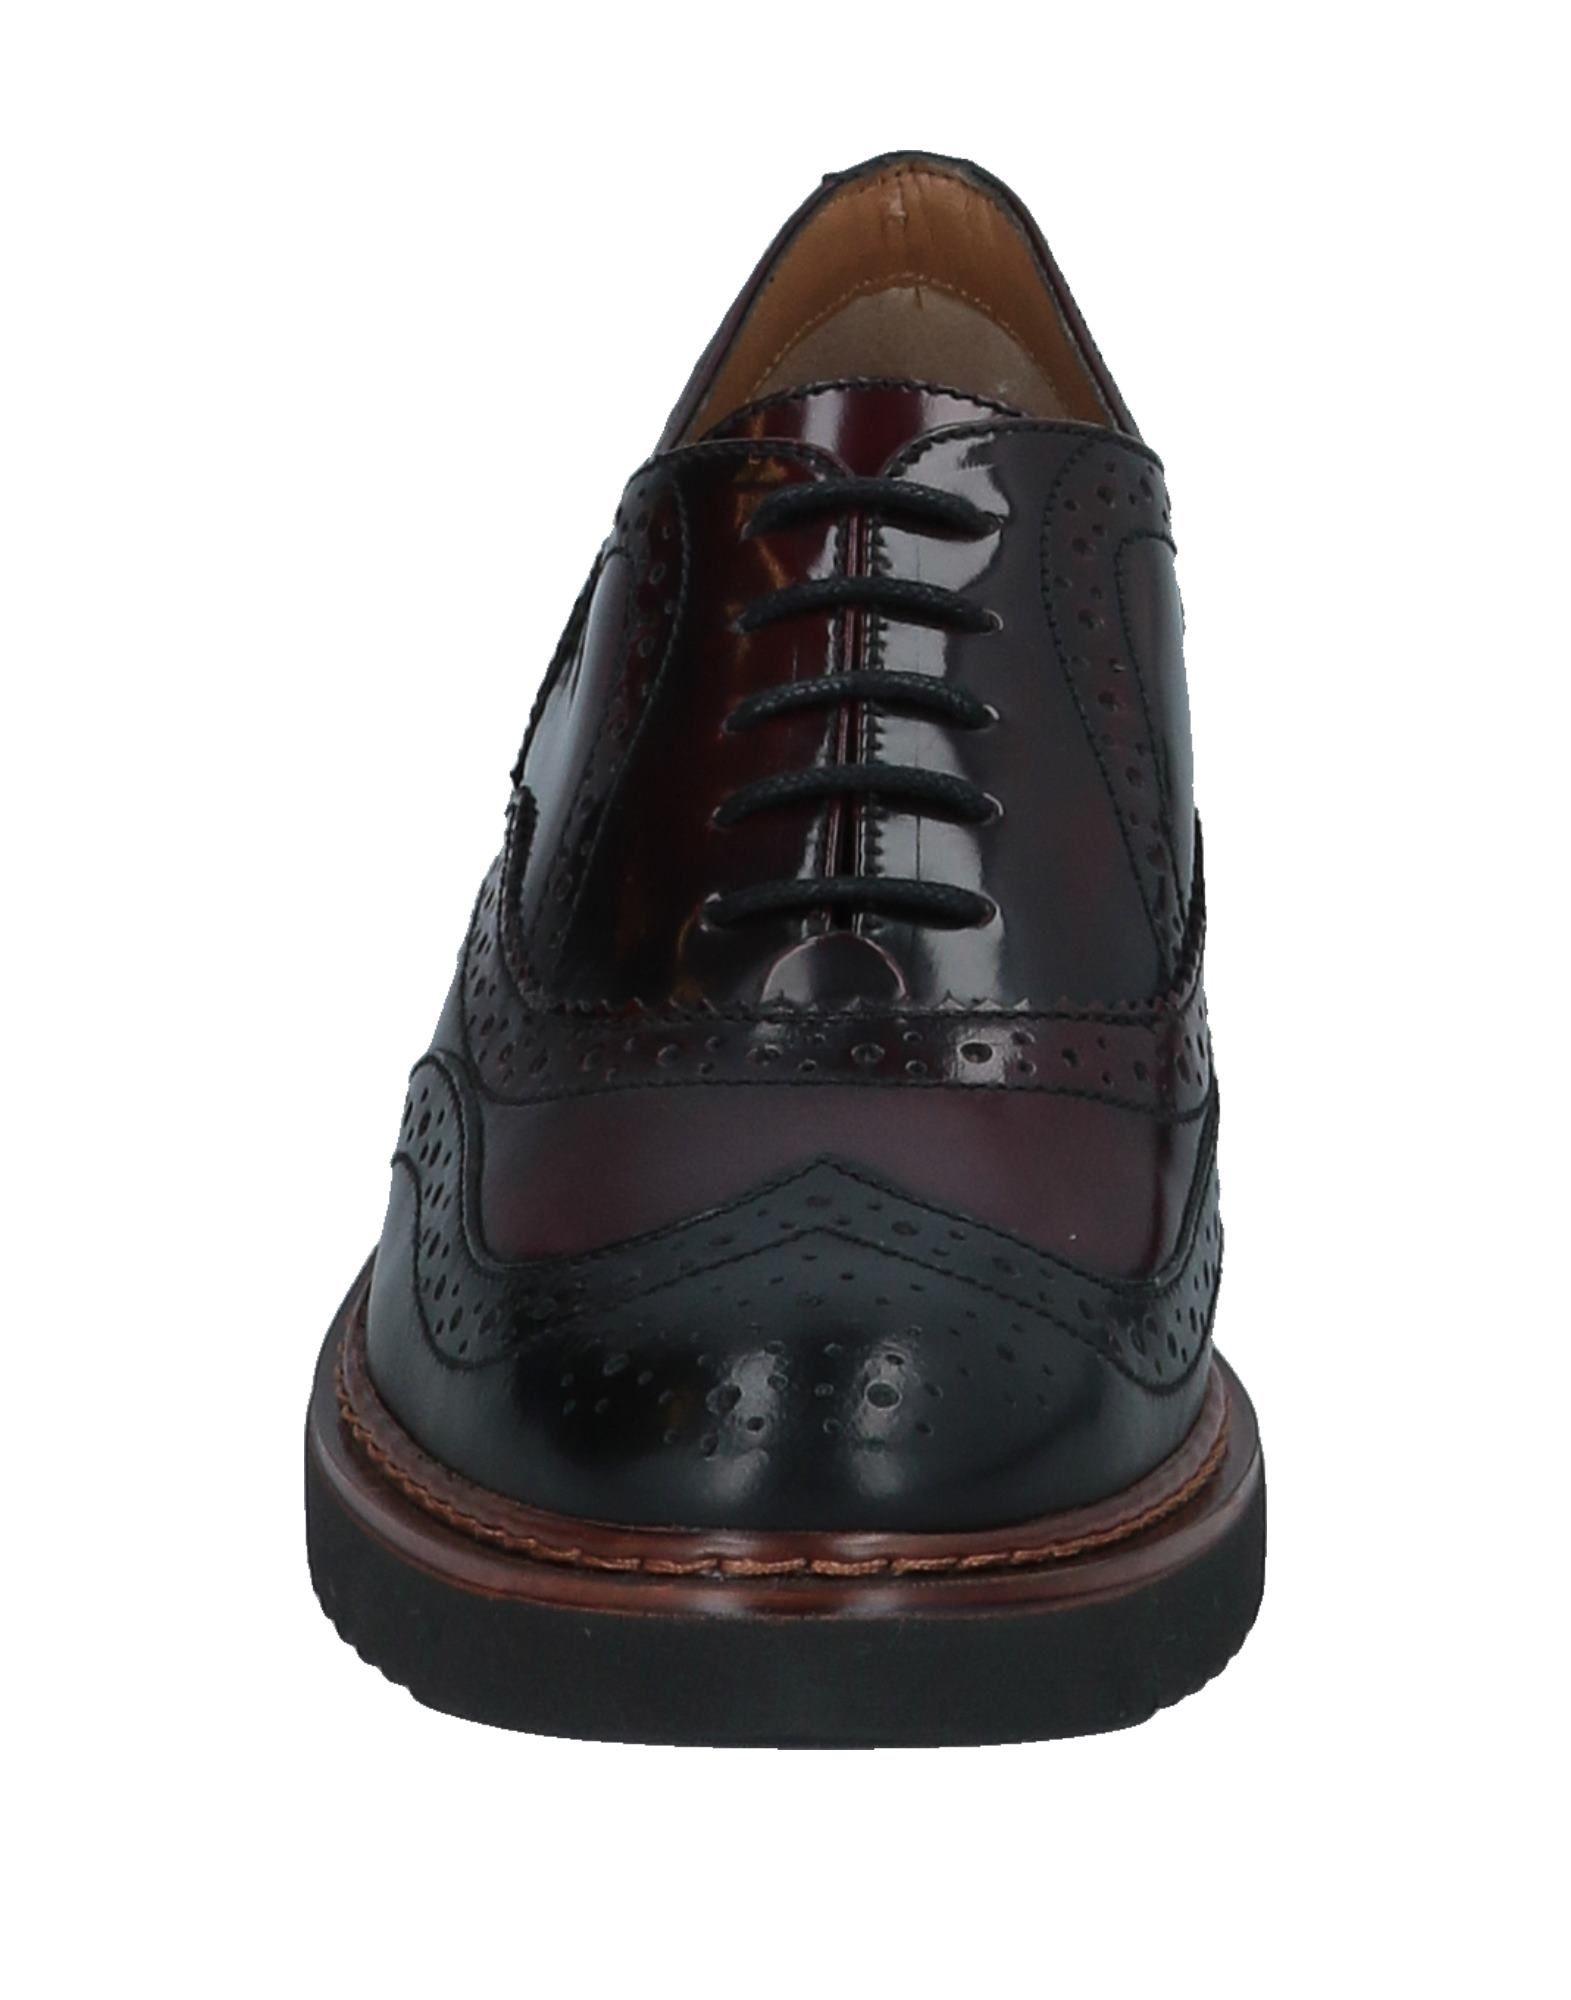 E.G.J. Schnürschuhe Damen  beliebte 11508479XC Gute Qualität beliebte  Schuhe ef052e